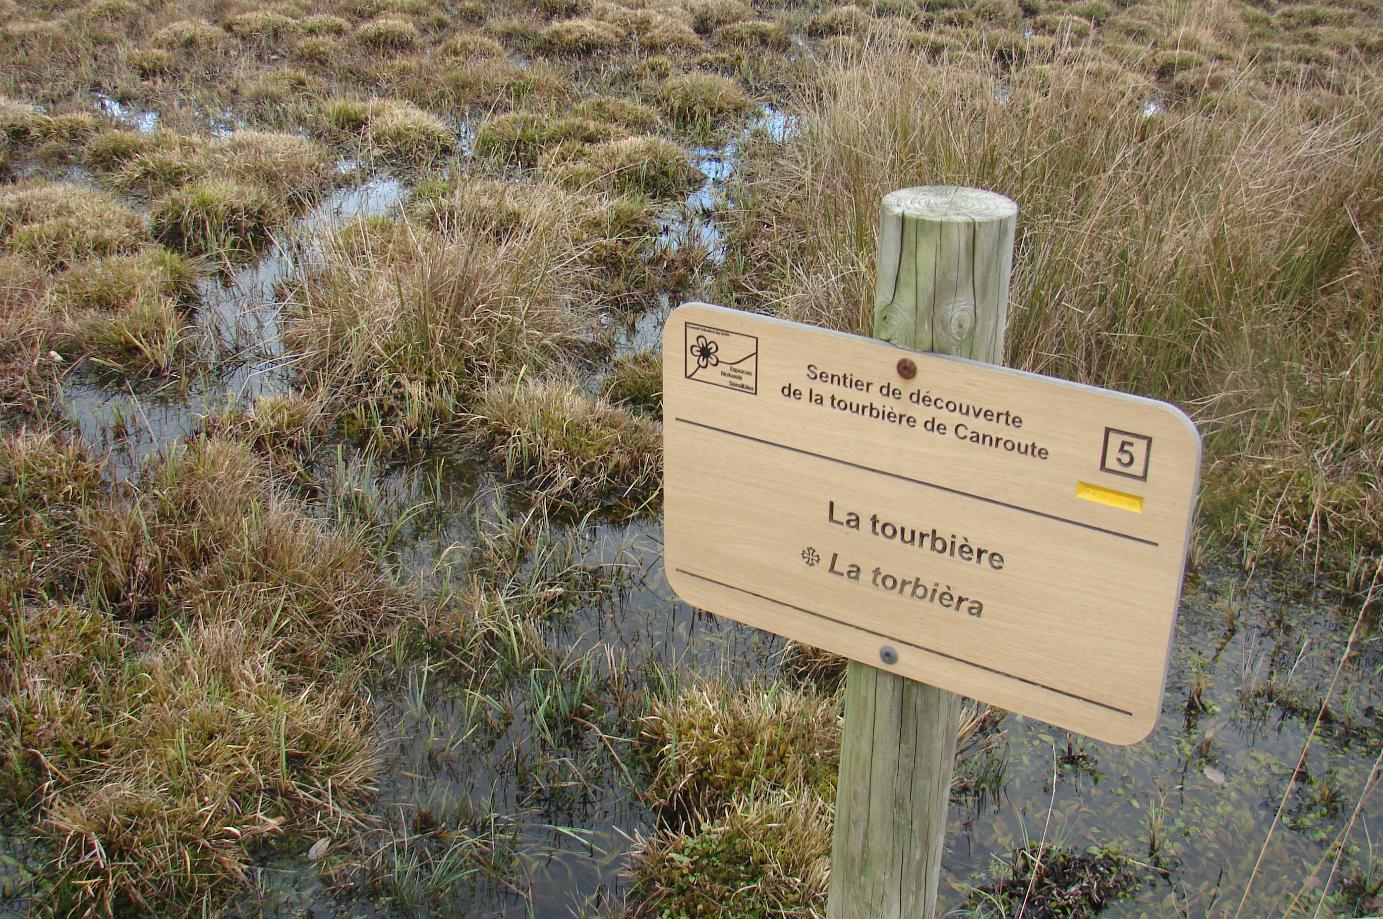 zone humide tourbière de canroute